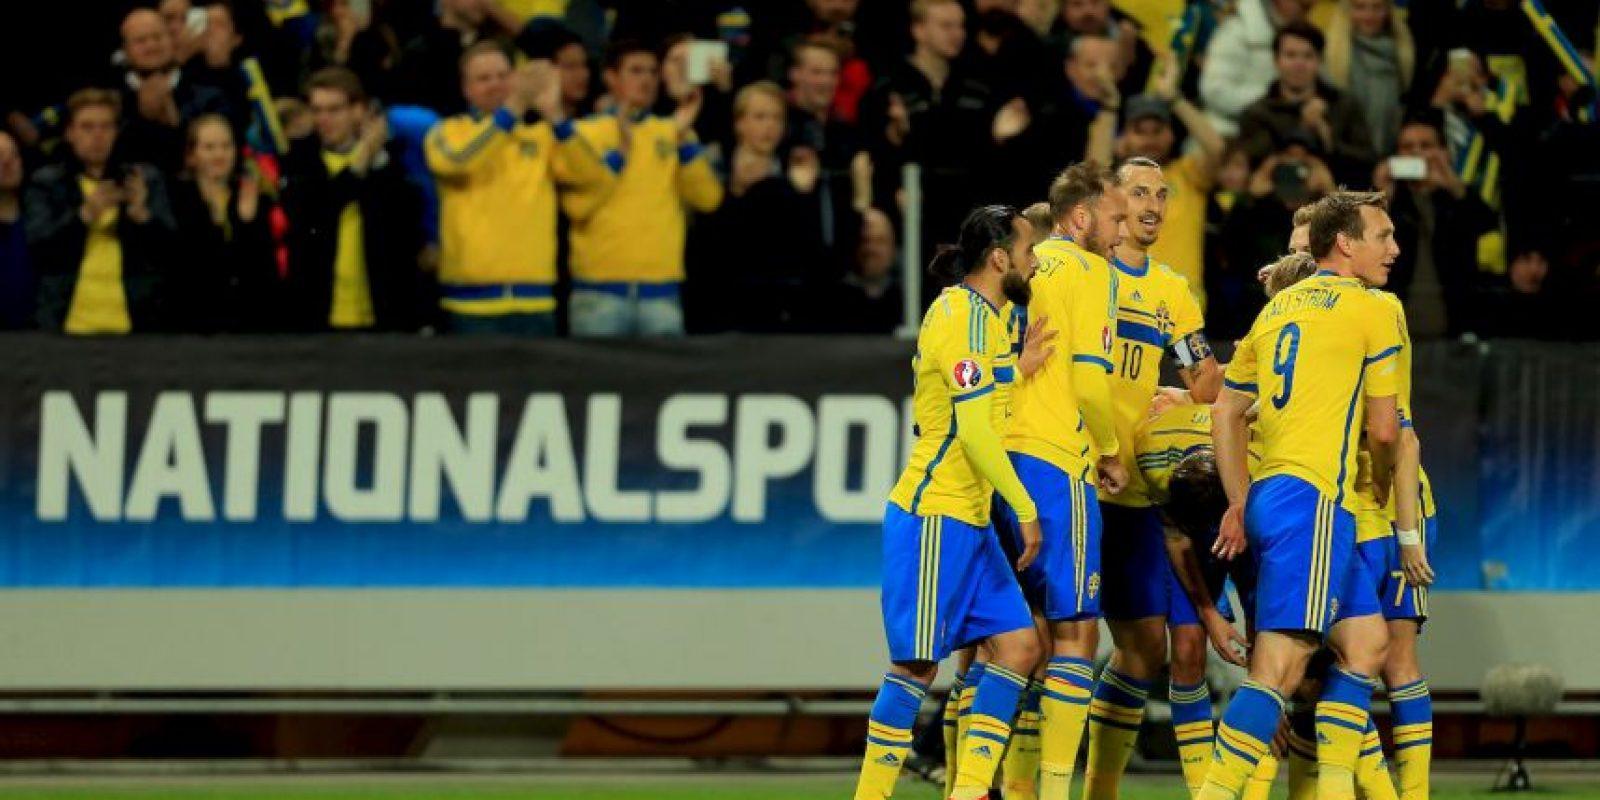 Las 6 decepciones de Copa América y Euro 2016 Foto:Getty Images